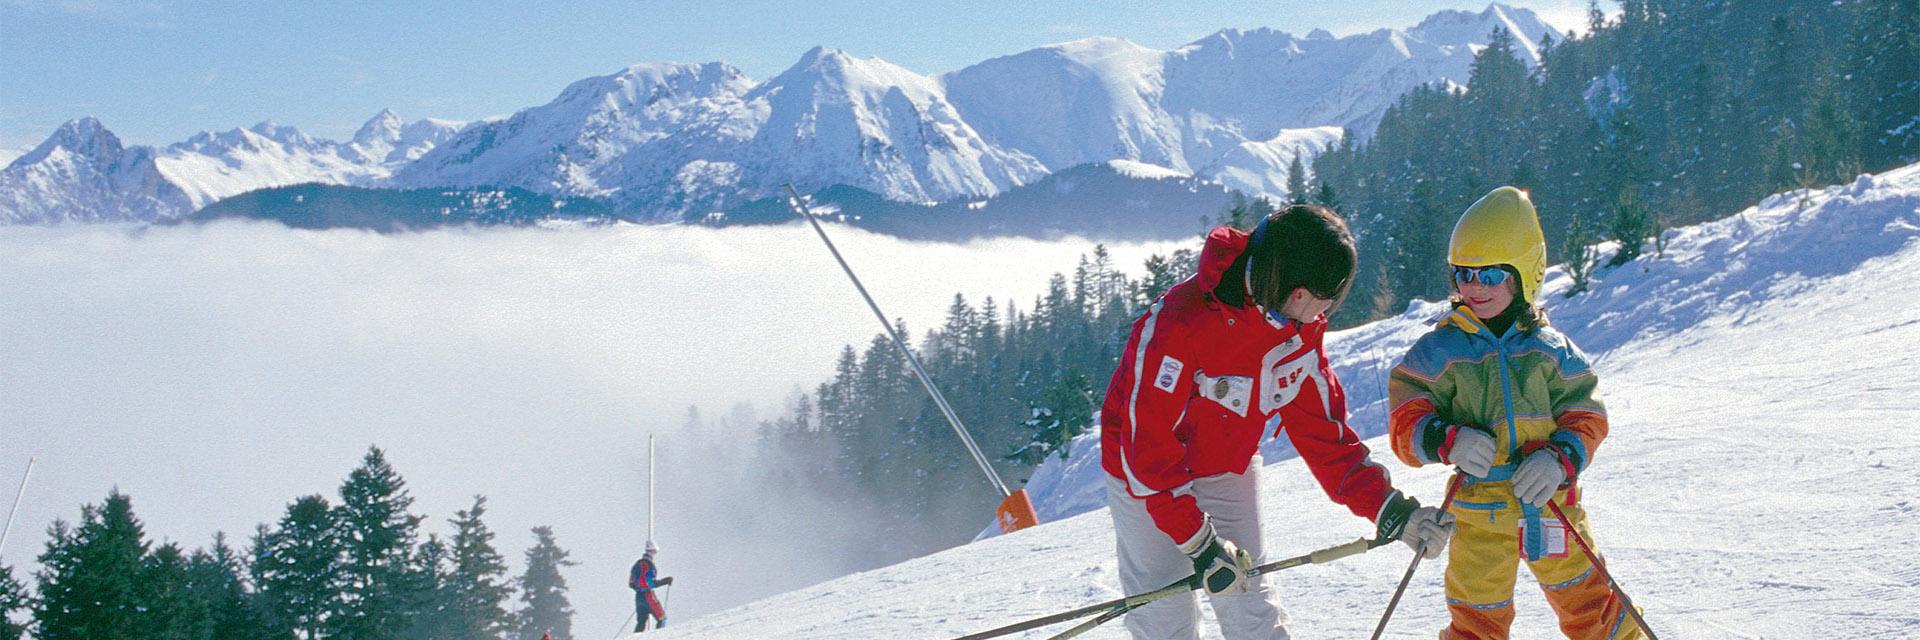 Village_club_vacances_pyrenees-tarbesou-ski-famille